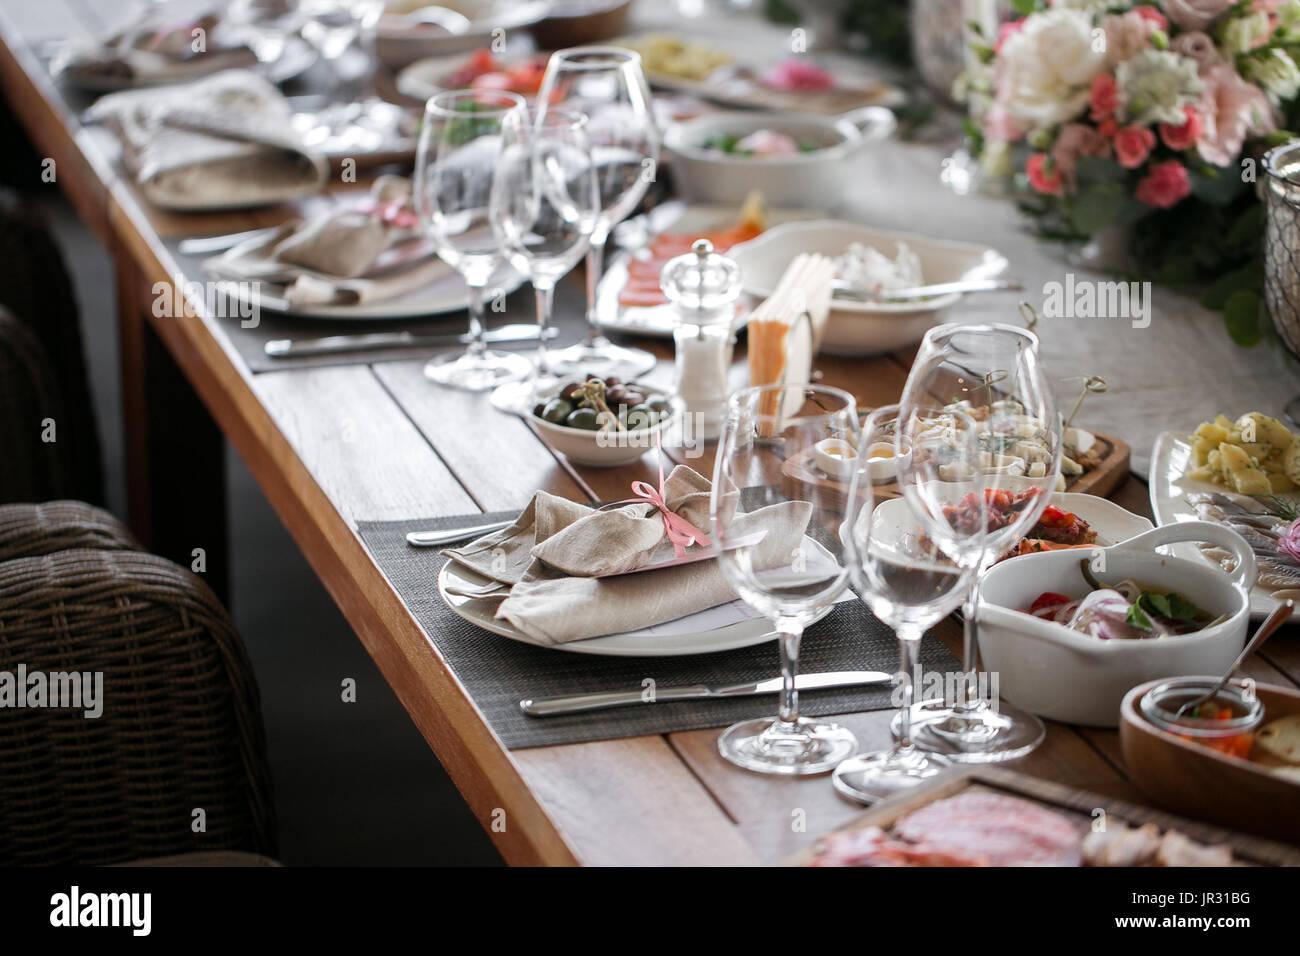 Linge de maison textile. Table décorée, un plat de serviette sont soigneusement disposées, fourchette et couteau. Photo Stock